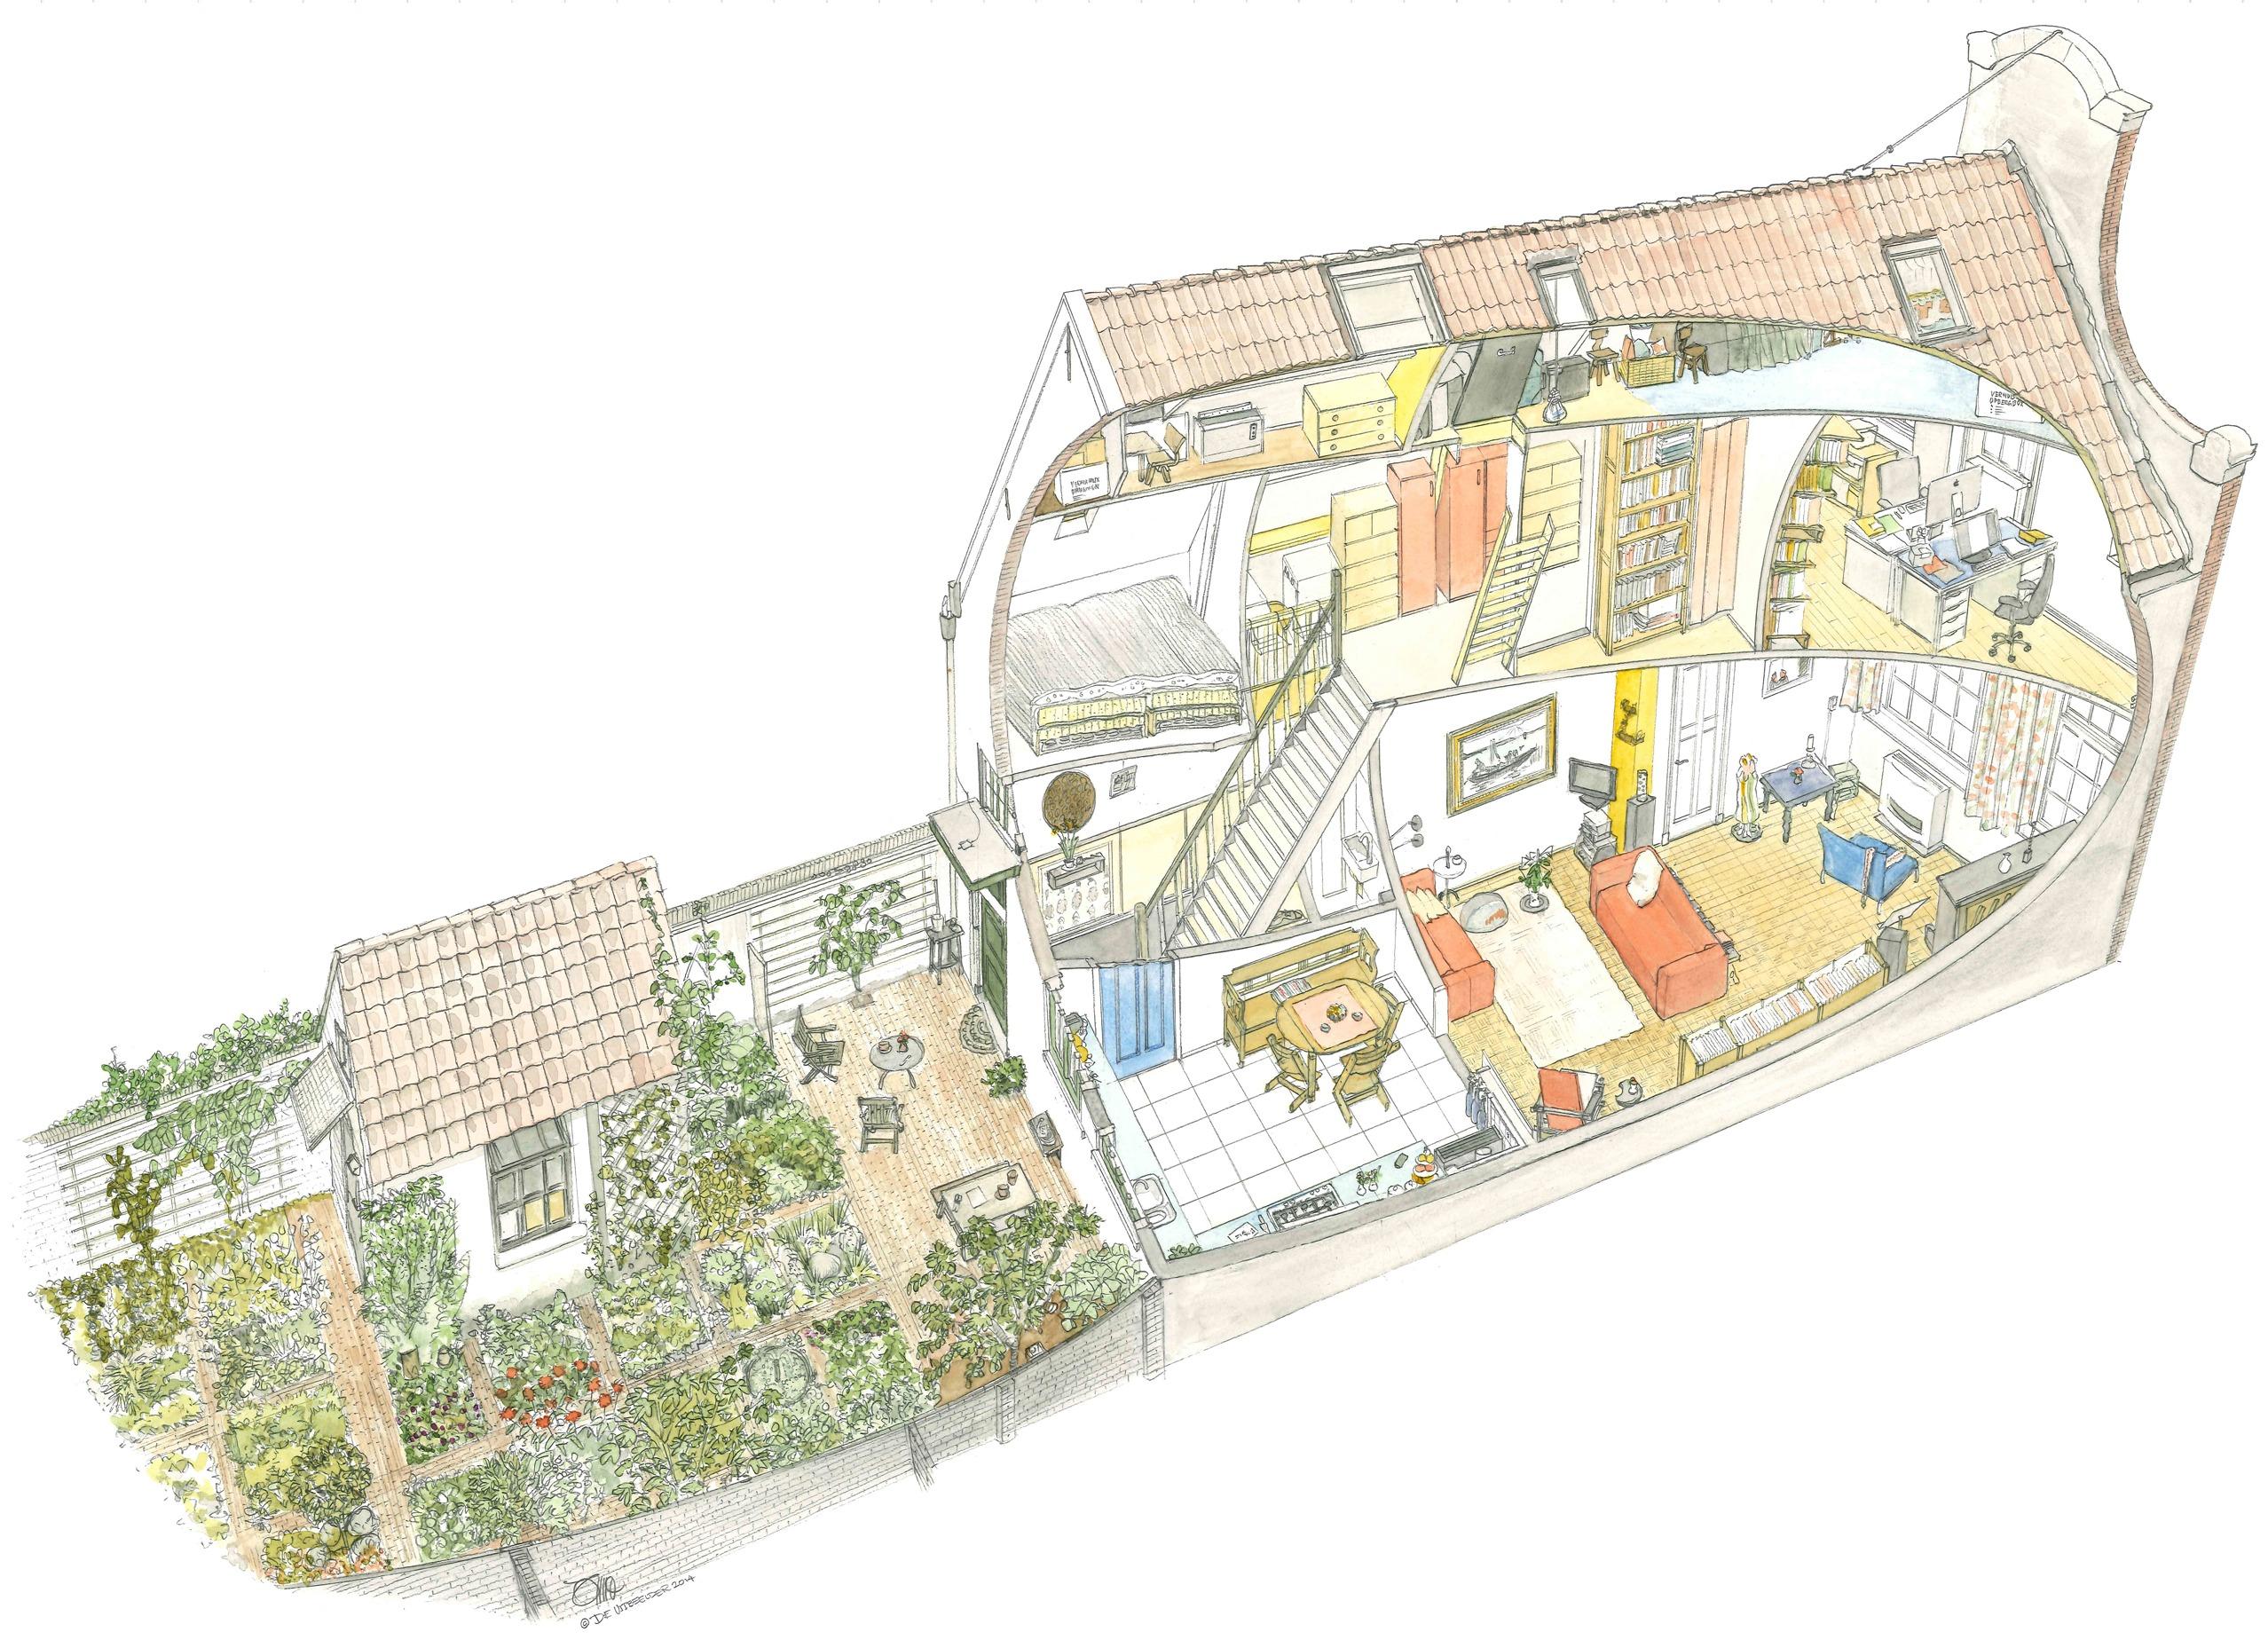 Amersfoort - Huis aan de muur | Huis doorsnede cadeau